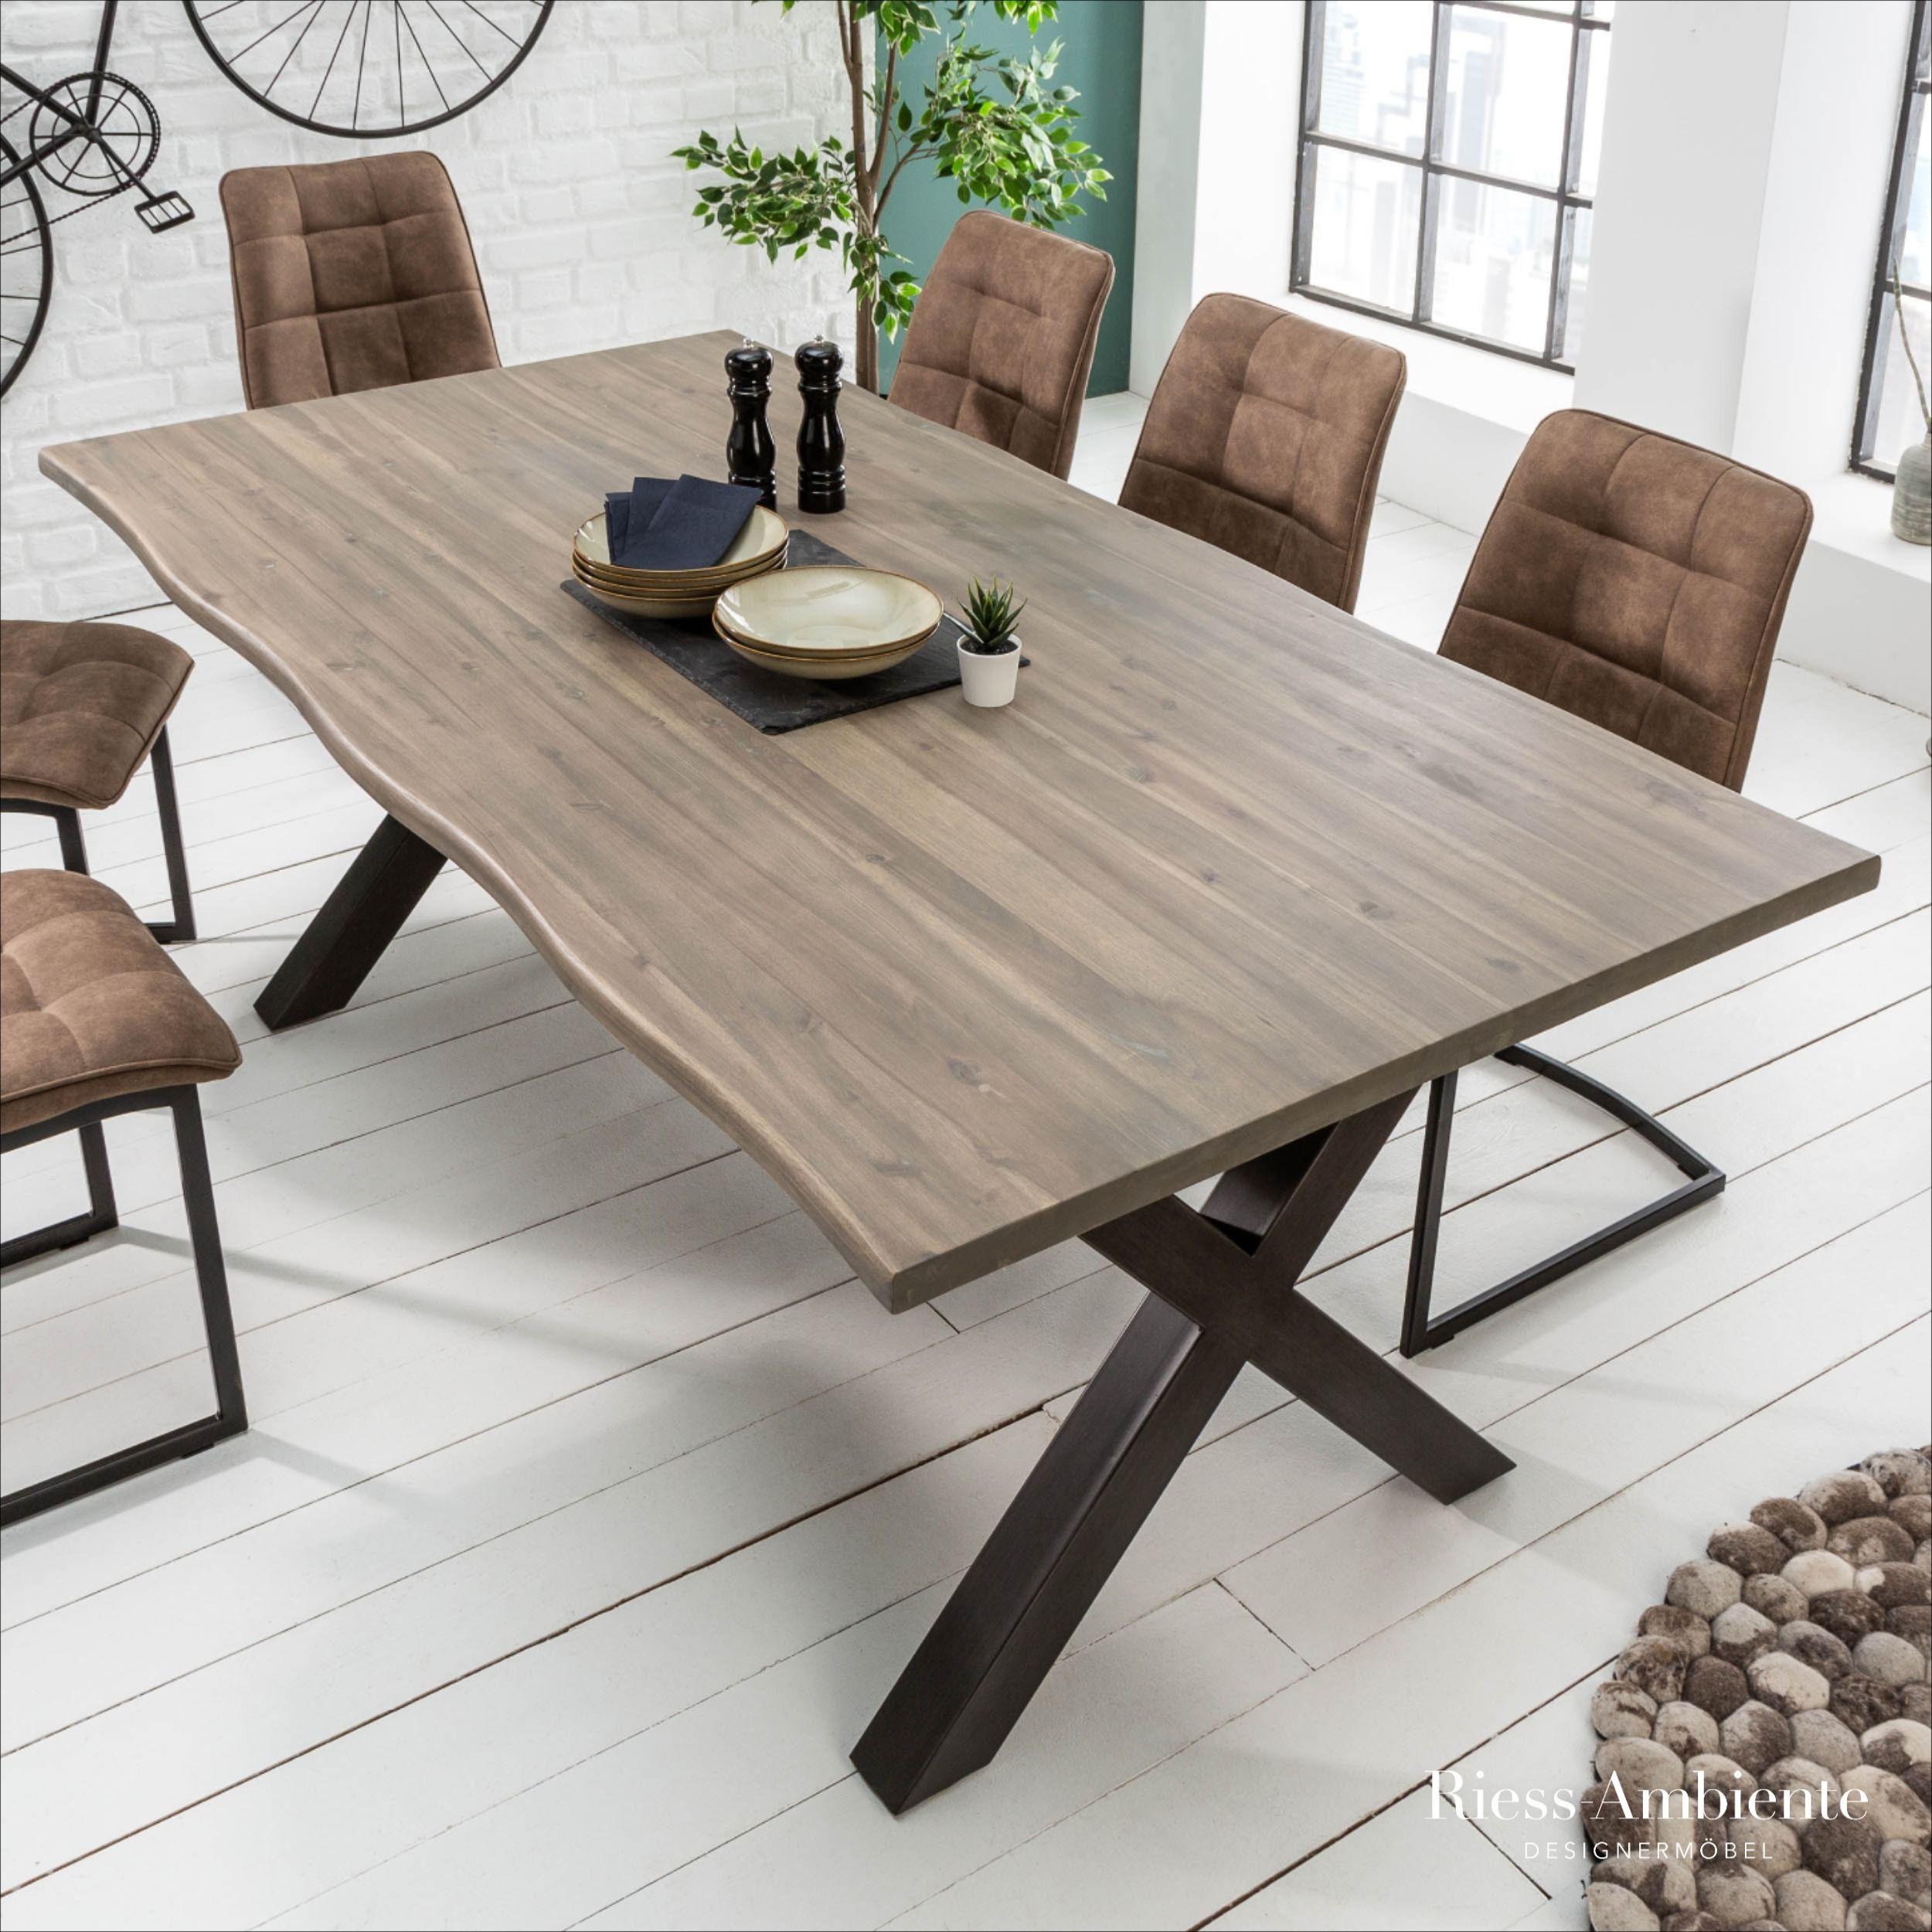 Massiver Baumstamm Tisch Genesis Grey 160cm Akazie Massivholz Baumkante Esstisch Mit X Gestell Industrial Finish Riess Ambiente De Baumstamm Tisch Tisch Esstisch